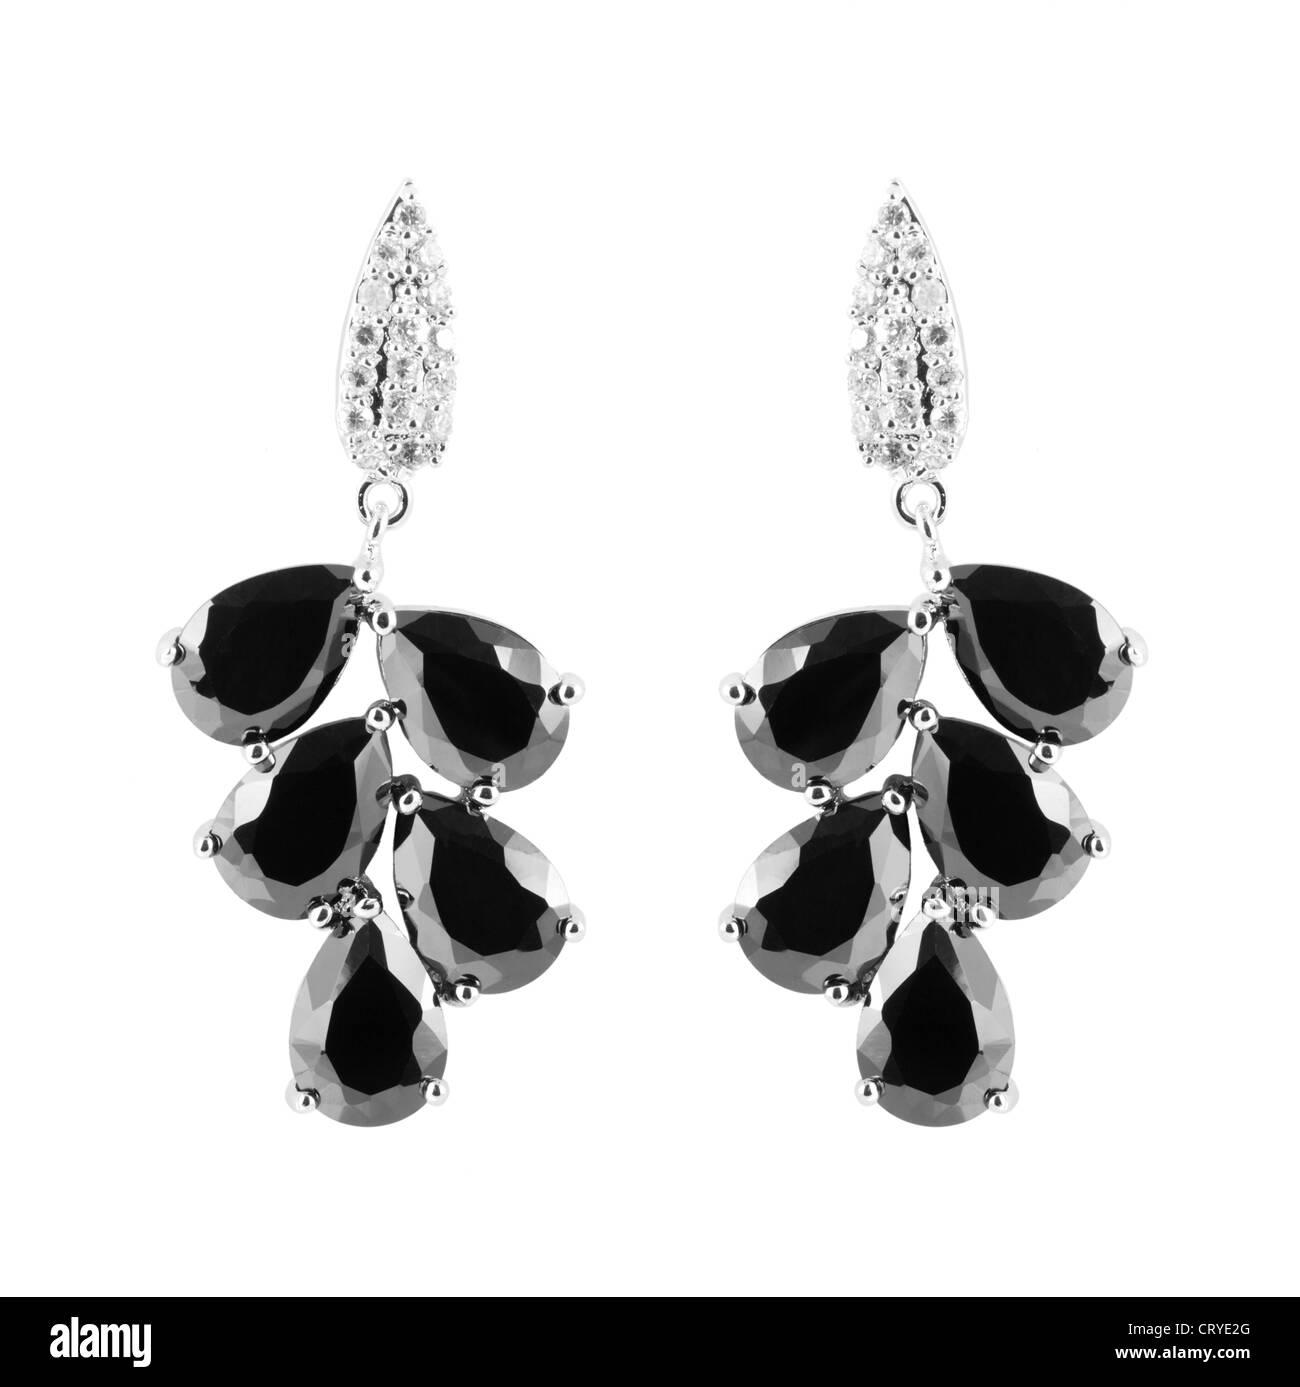 earrings with diamonds - Stock Image